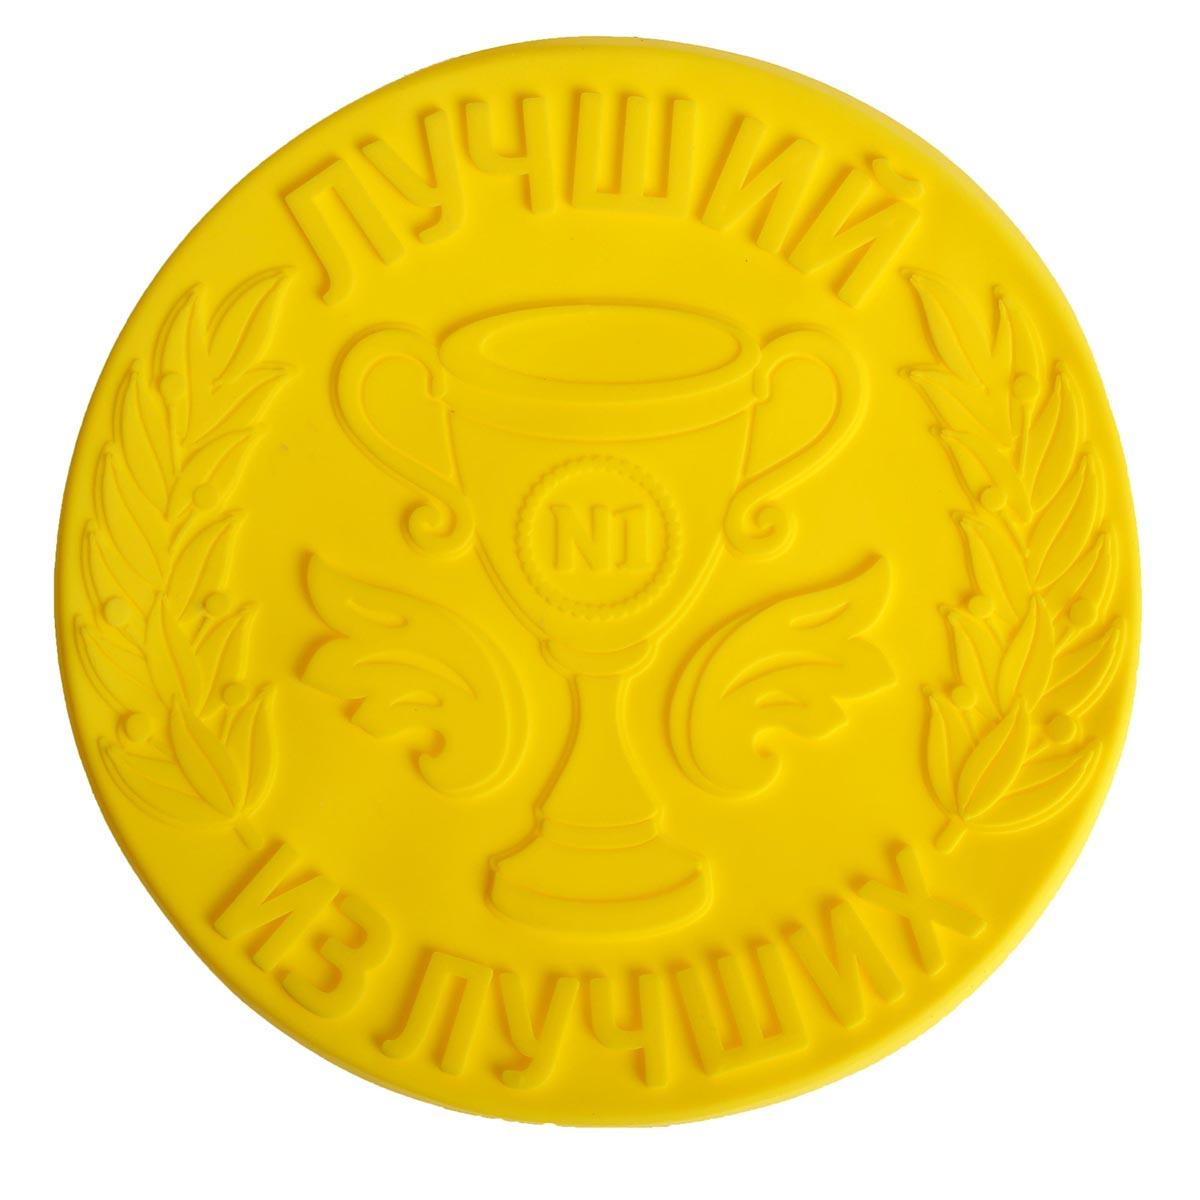 Форма для выпечки Лучший из лучших, силиконовая, круглая, цвет: желтый, диаметр 25 см1032206_желтыйОт качества посуды зависит не только вкус еды, но и здоровье человека. Форма для выпечки — товар, соответствующий российским стандартам качества. Любой хозяйке будет приятно держать его в руках.